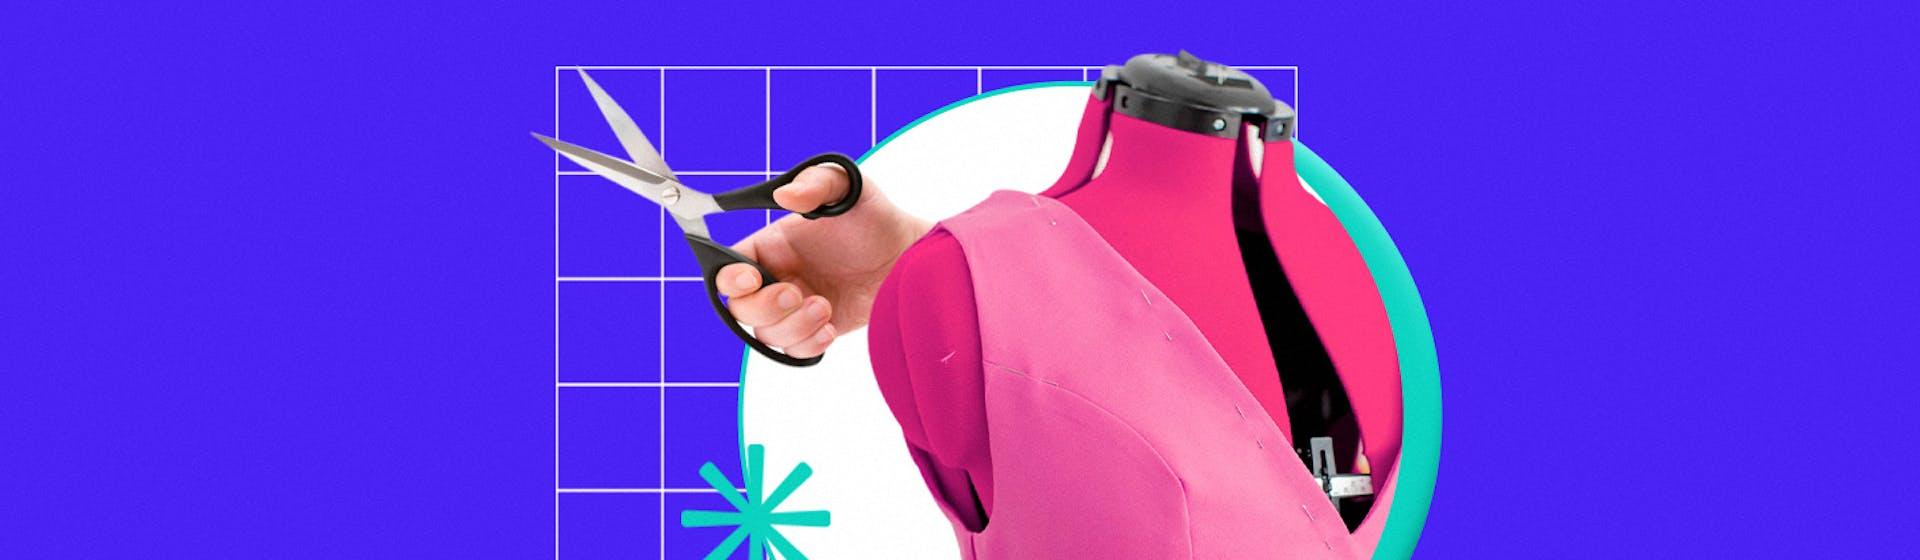 Con estos trucos para personalizar ropa, ¡tus prendas hablarán por ti!